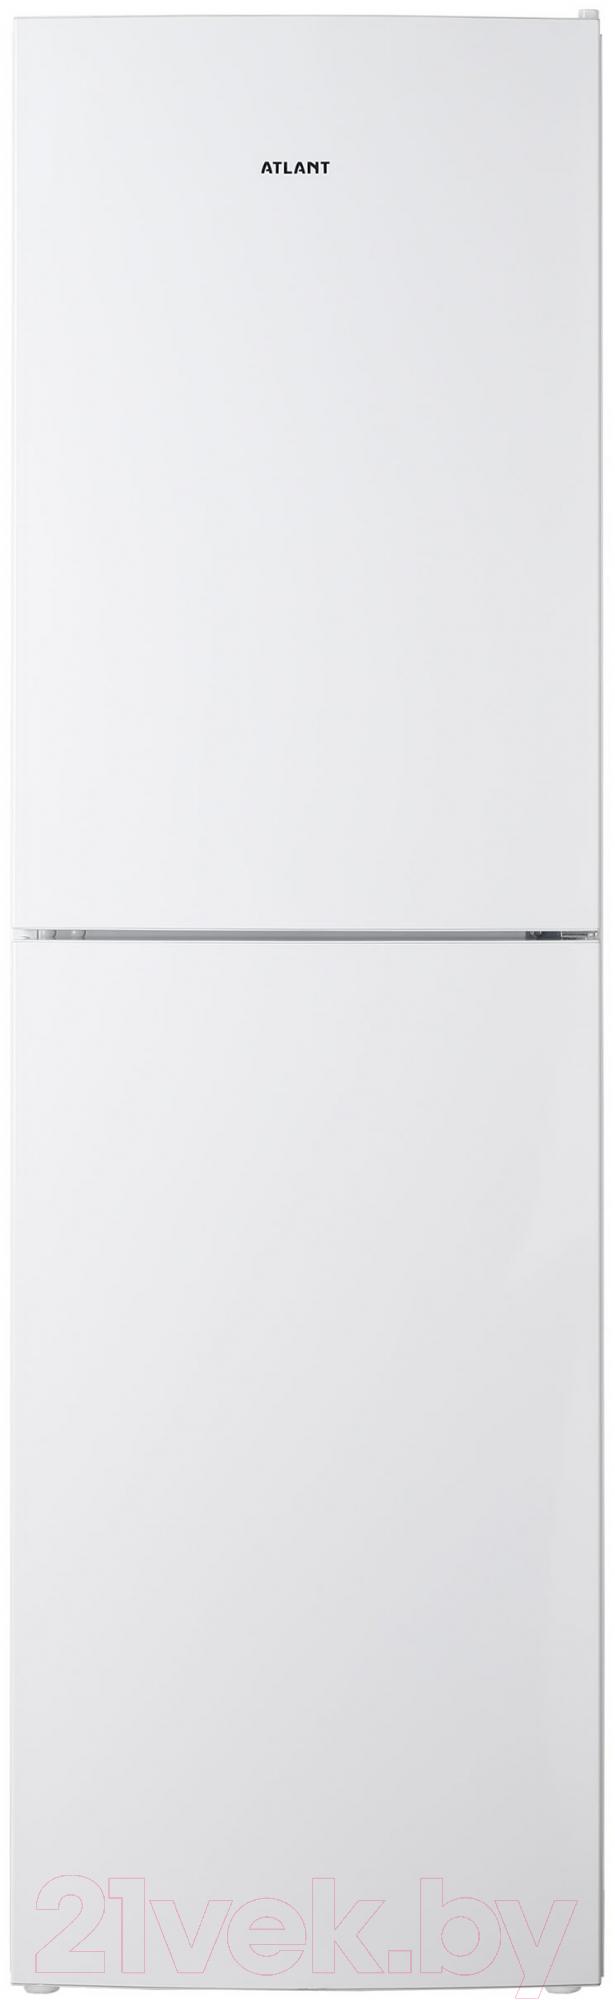 Купить Холодильник с морозильником ATLANT, ХМ 4623-100, Беларусь